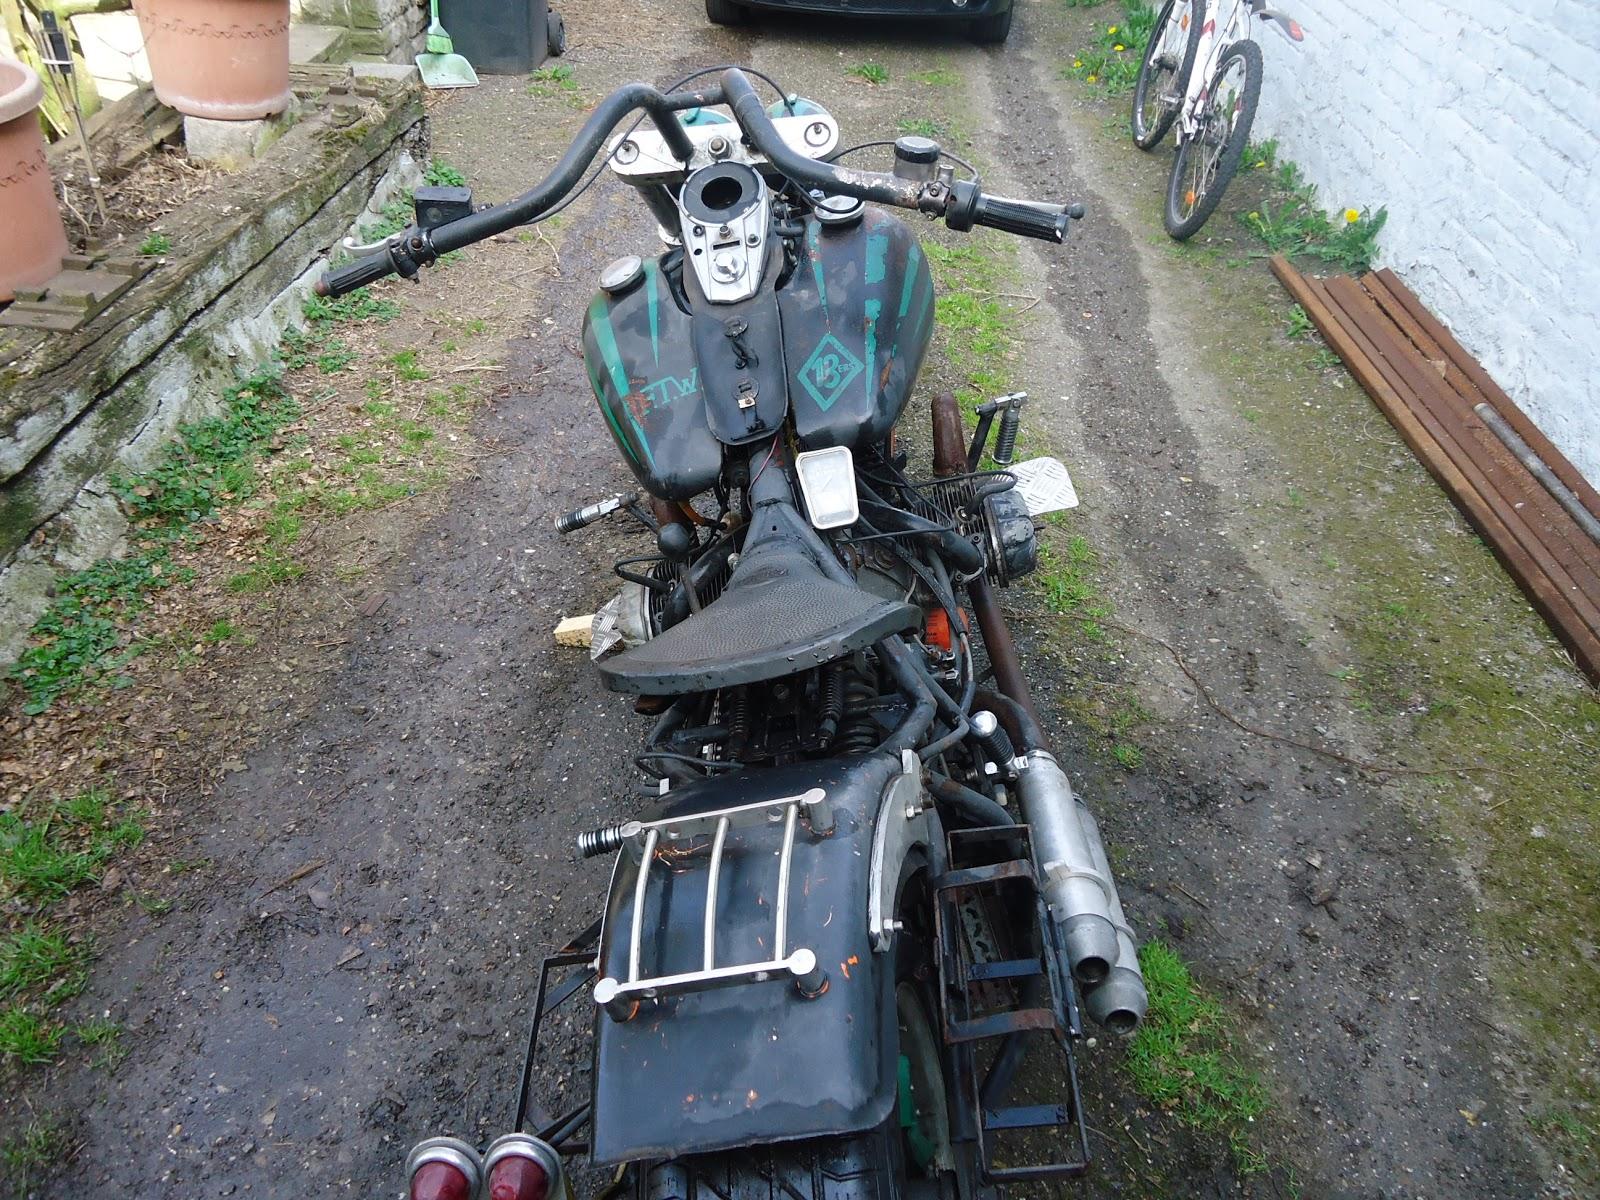 rat u0026 39 s bike autour d u0026 39 un moteur de citro u00ean 2cv